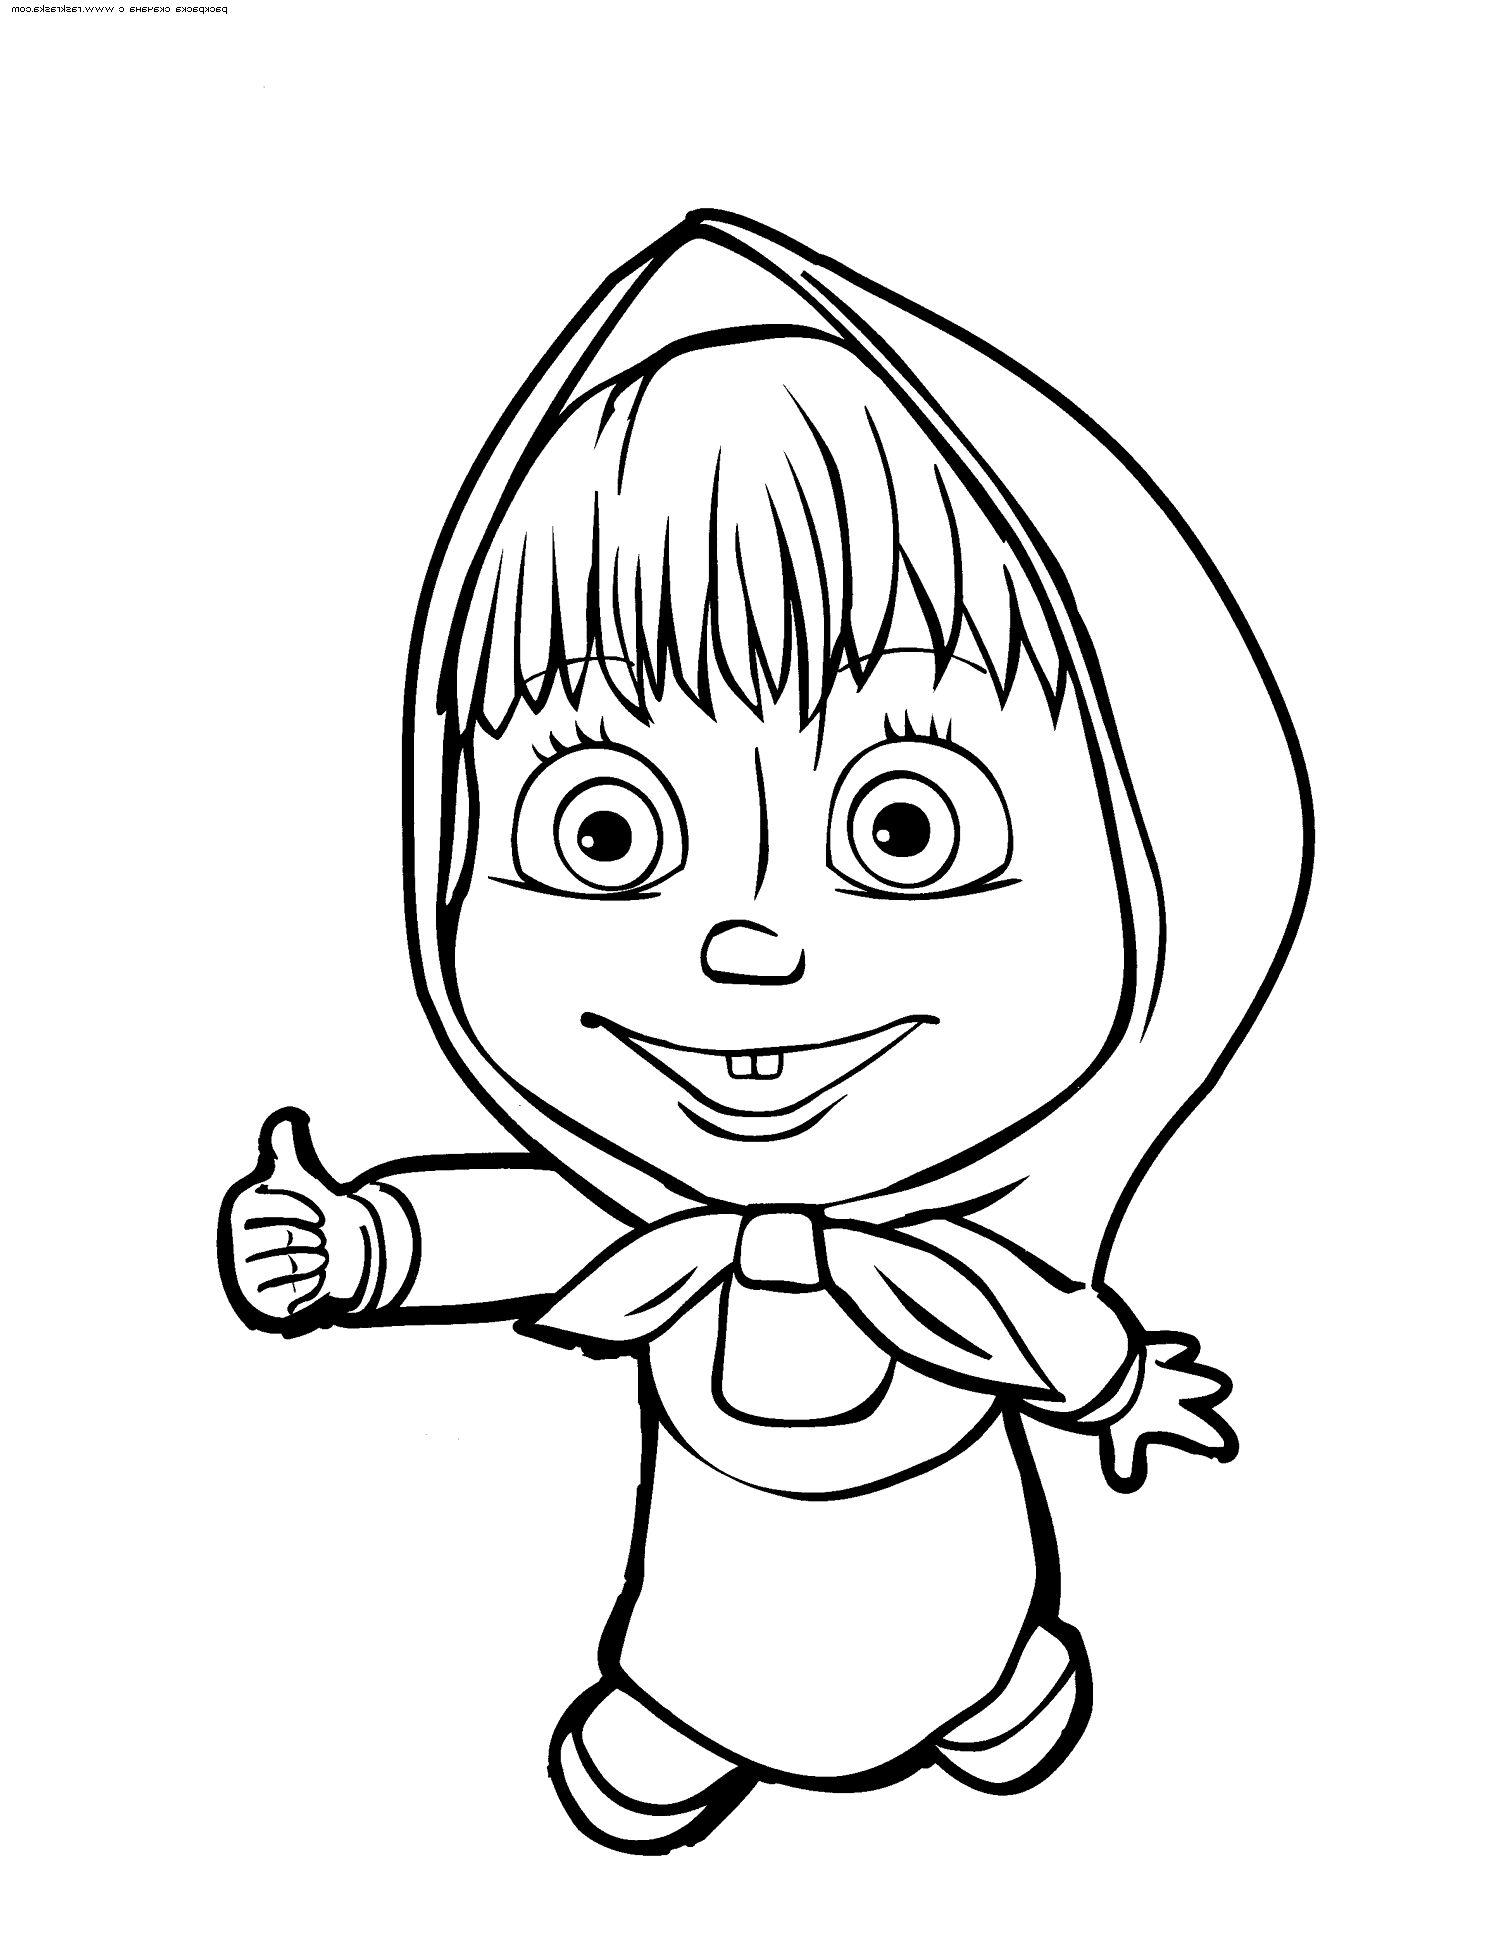 Раскраски для детей скачать одним файлом - 10